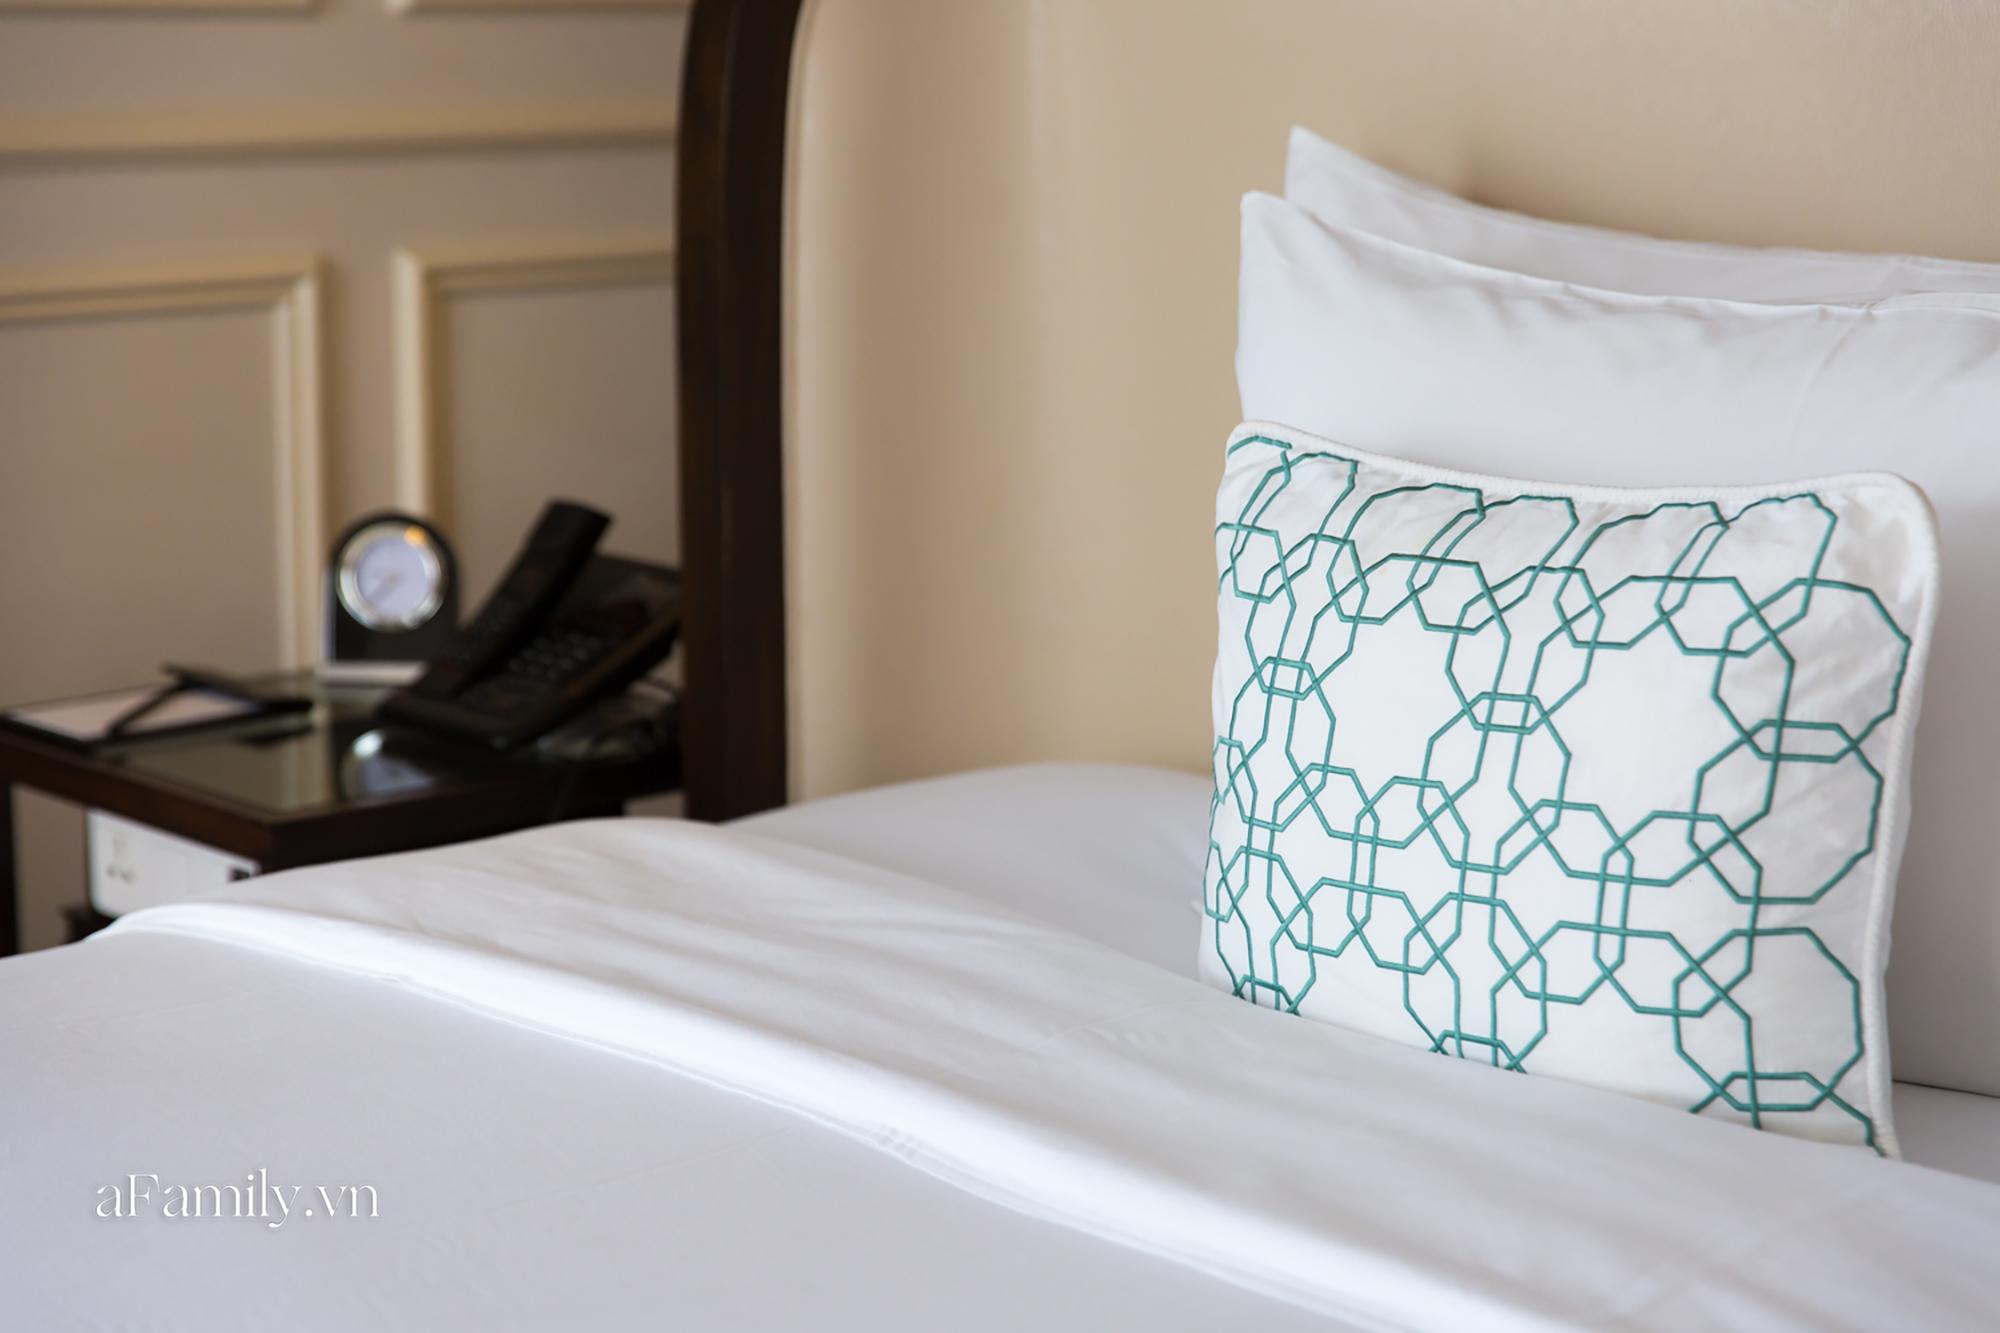 Vì sao giường khách sạn thường hào phóng bày tận 4 chiếc gối mà vẫn thiếu loại gối ôm dài, đây là câu trả lời - Ảnh 3.